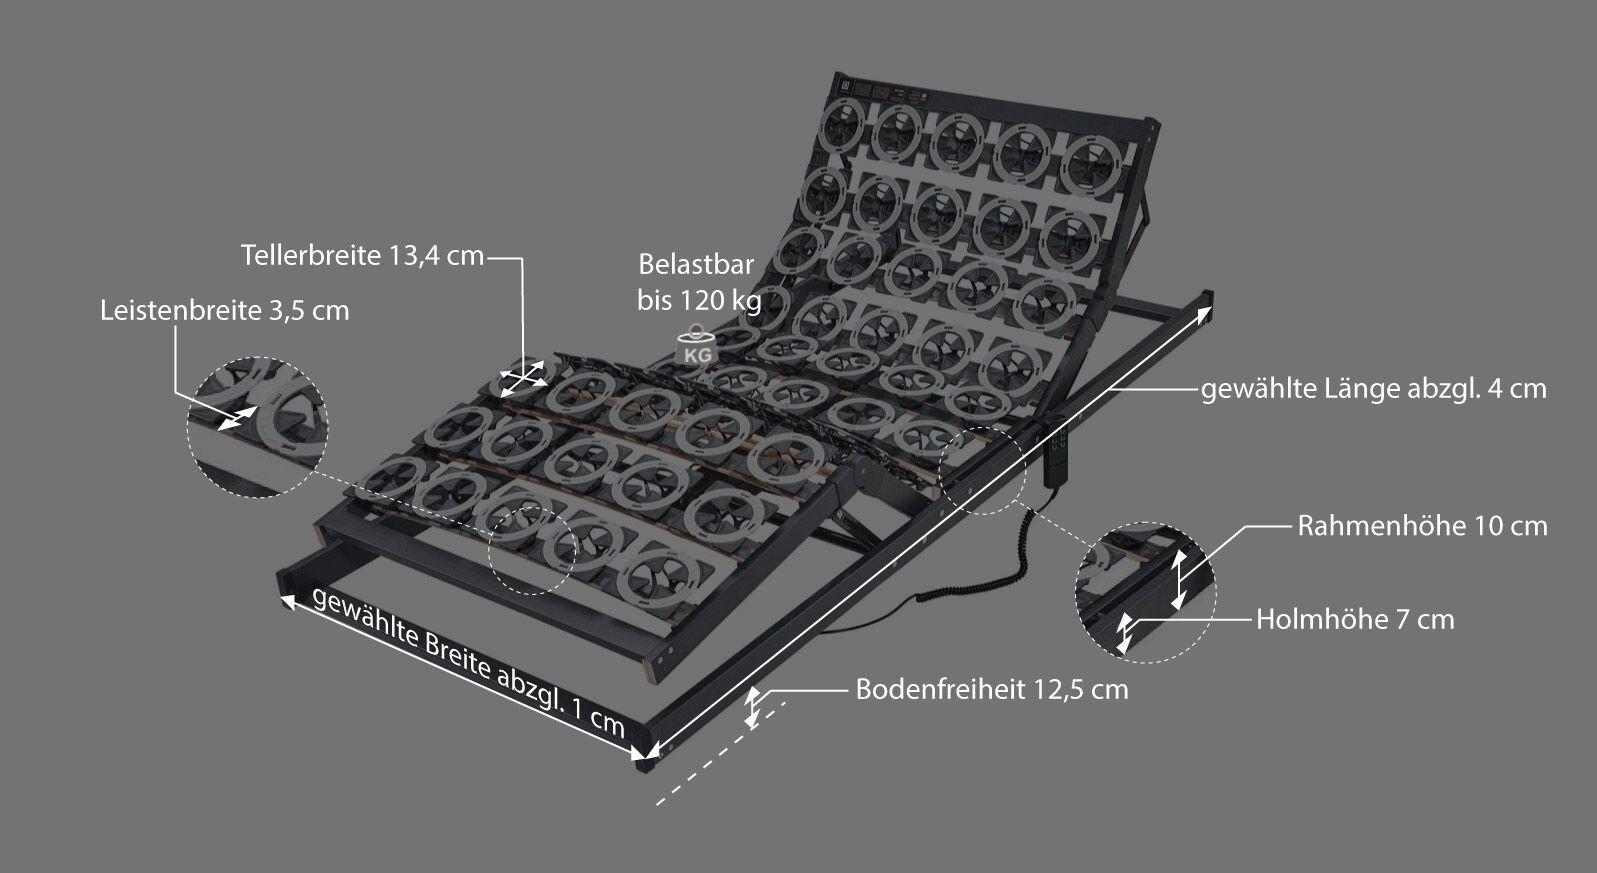 Bemaßungsgrafik zum Musterring Motor Tellerlattenrost orthomatic fhr 100